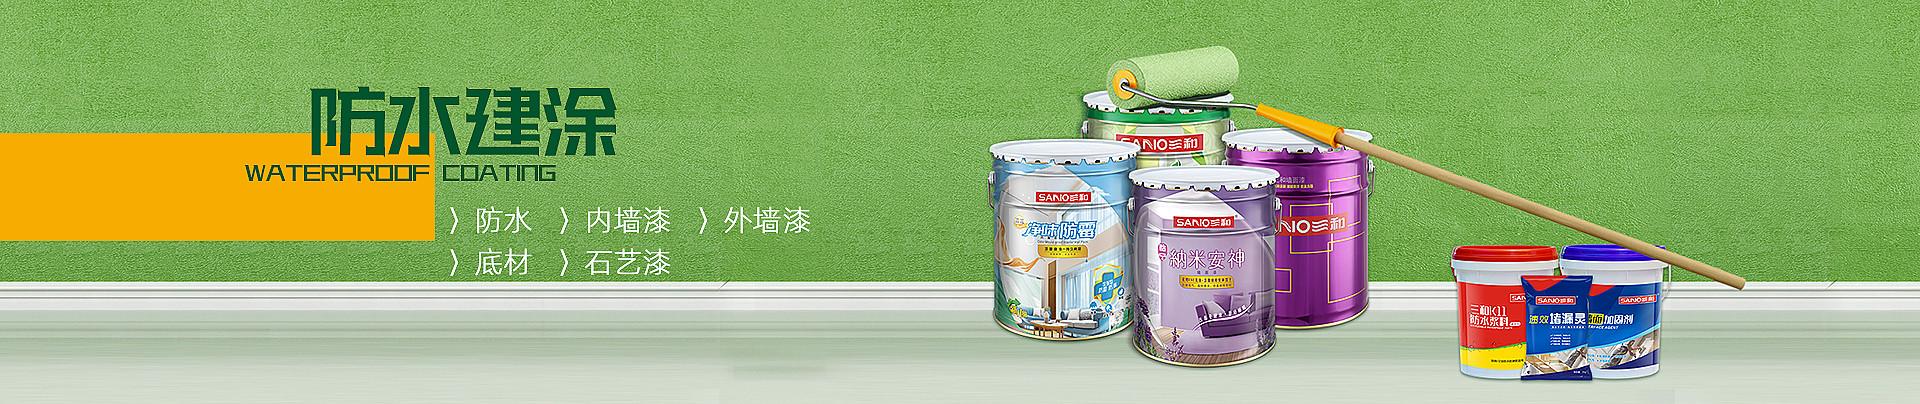 三和新品——K-11柔韧型蓝晶亭防水浆料